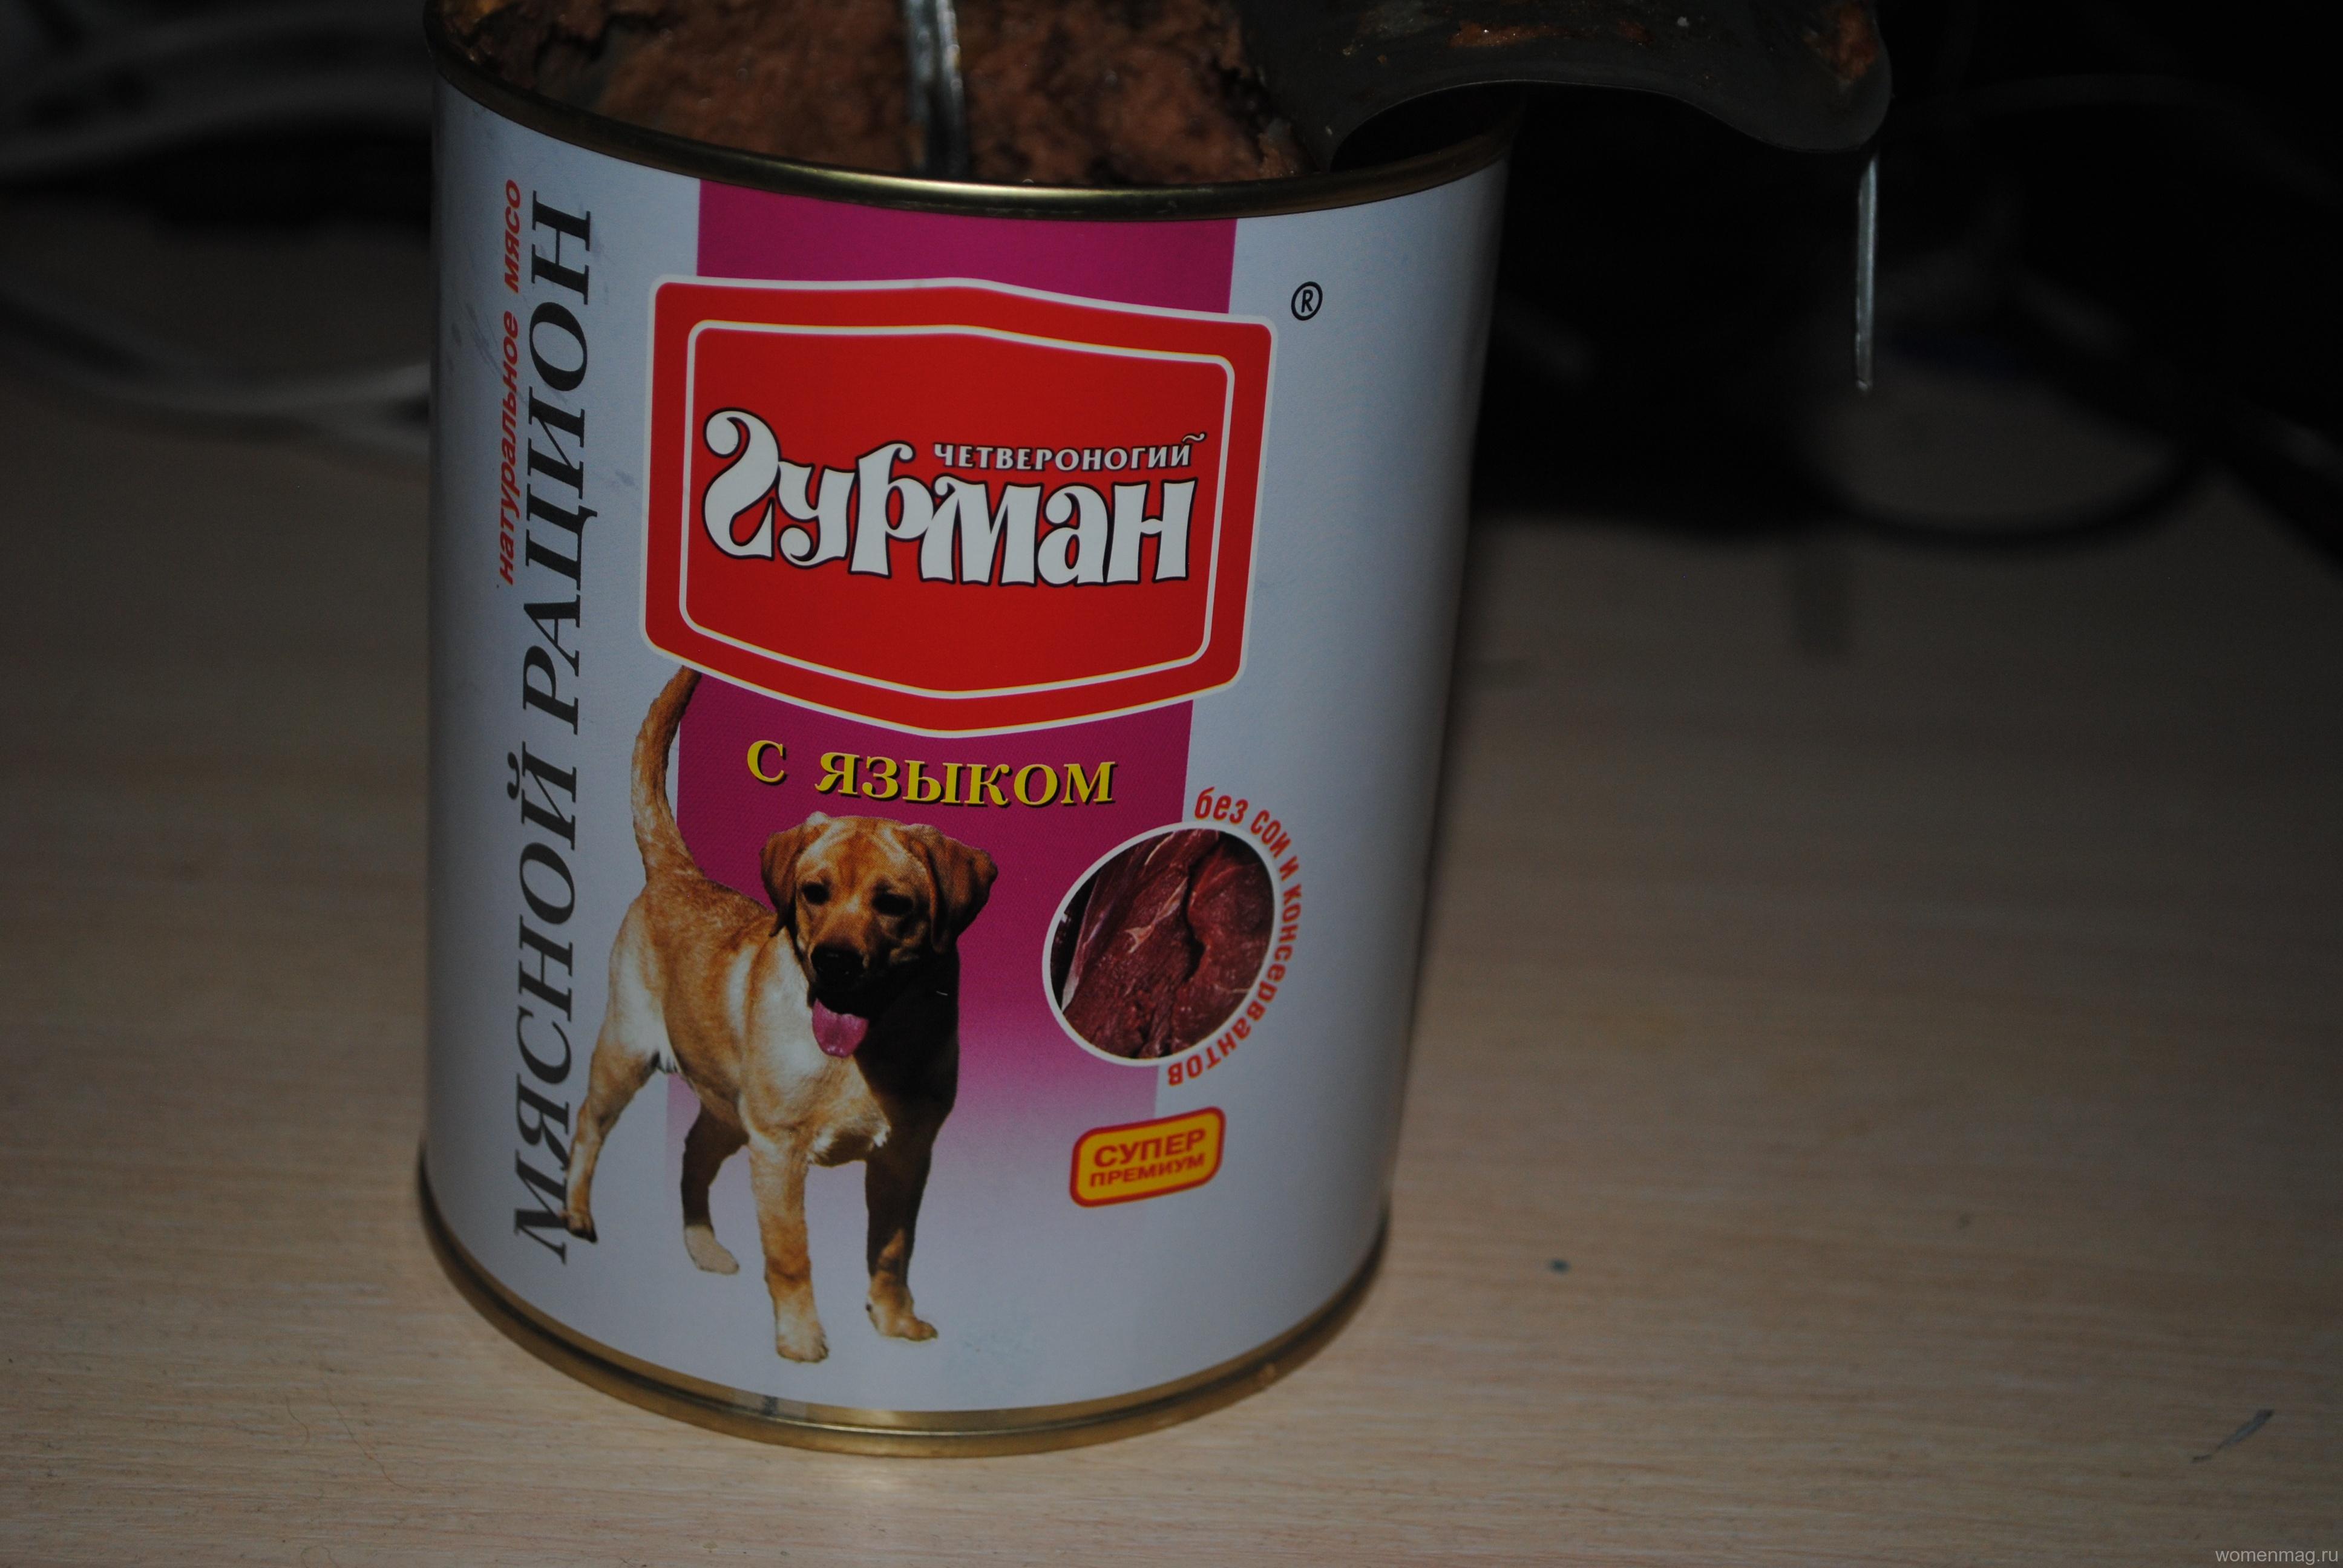 Мясные консервы для собак «Четвероногий Гурман» с языком. Отзыв